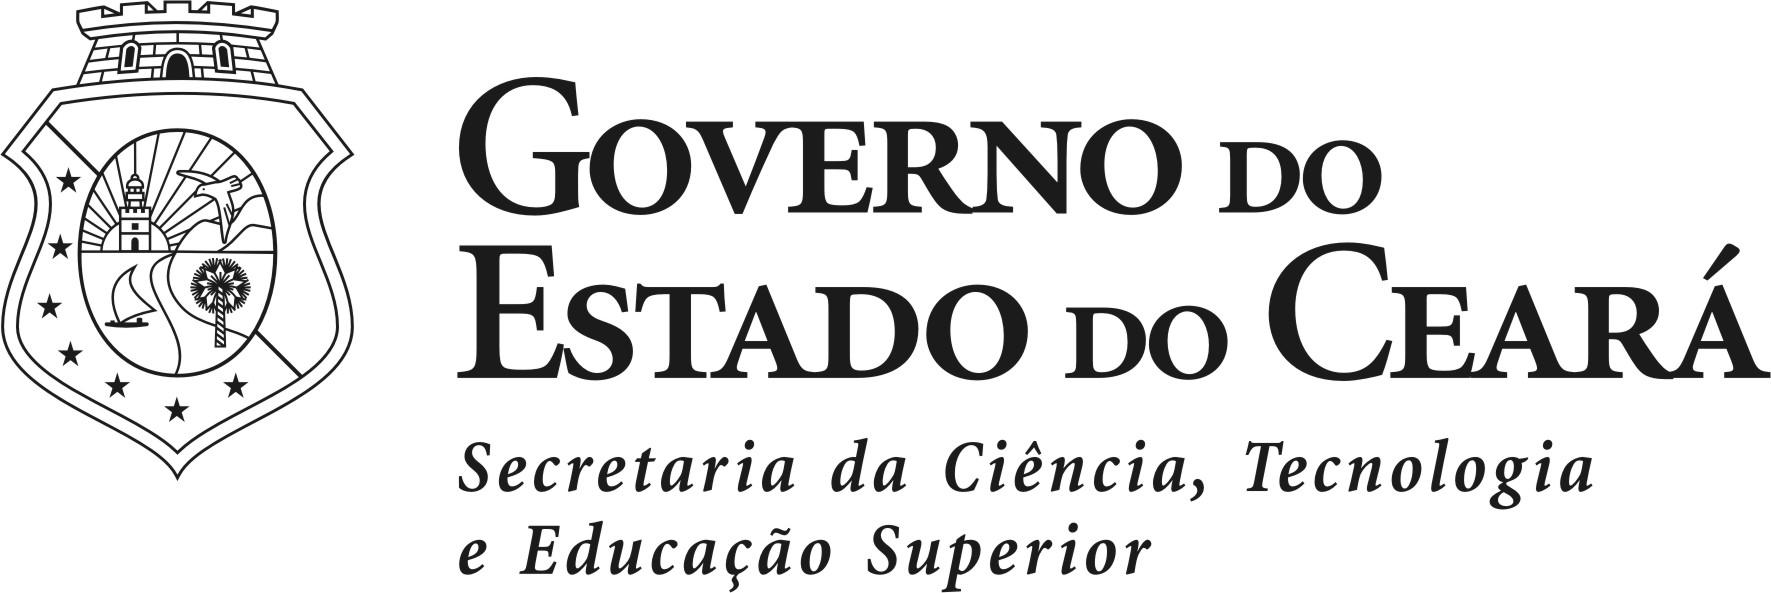 Logos Secretaria Da Ciencia Tecnologia E Educacao Superior